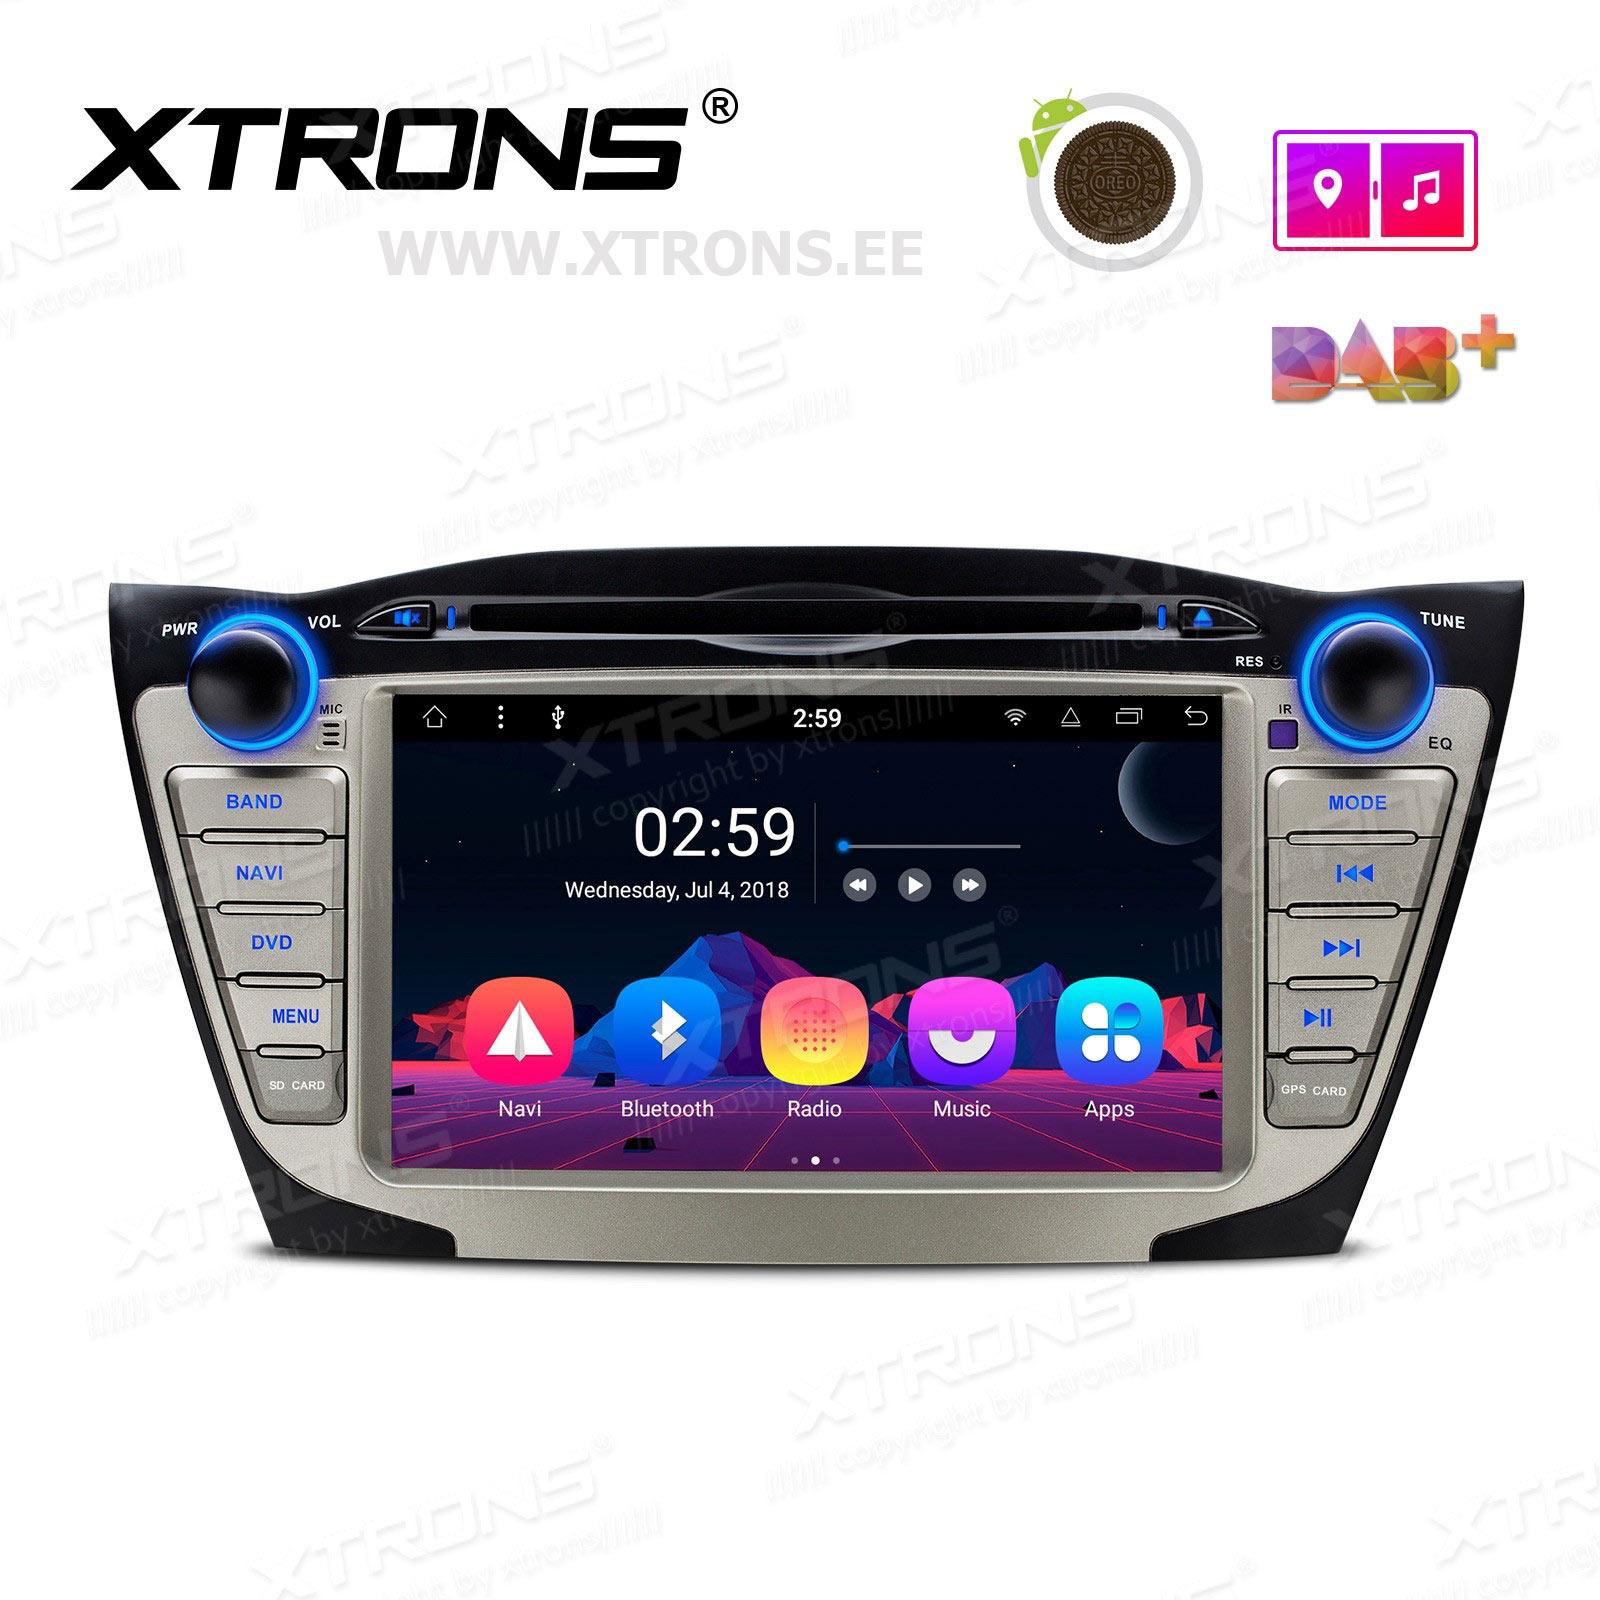 XTRONS PR7835H